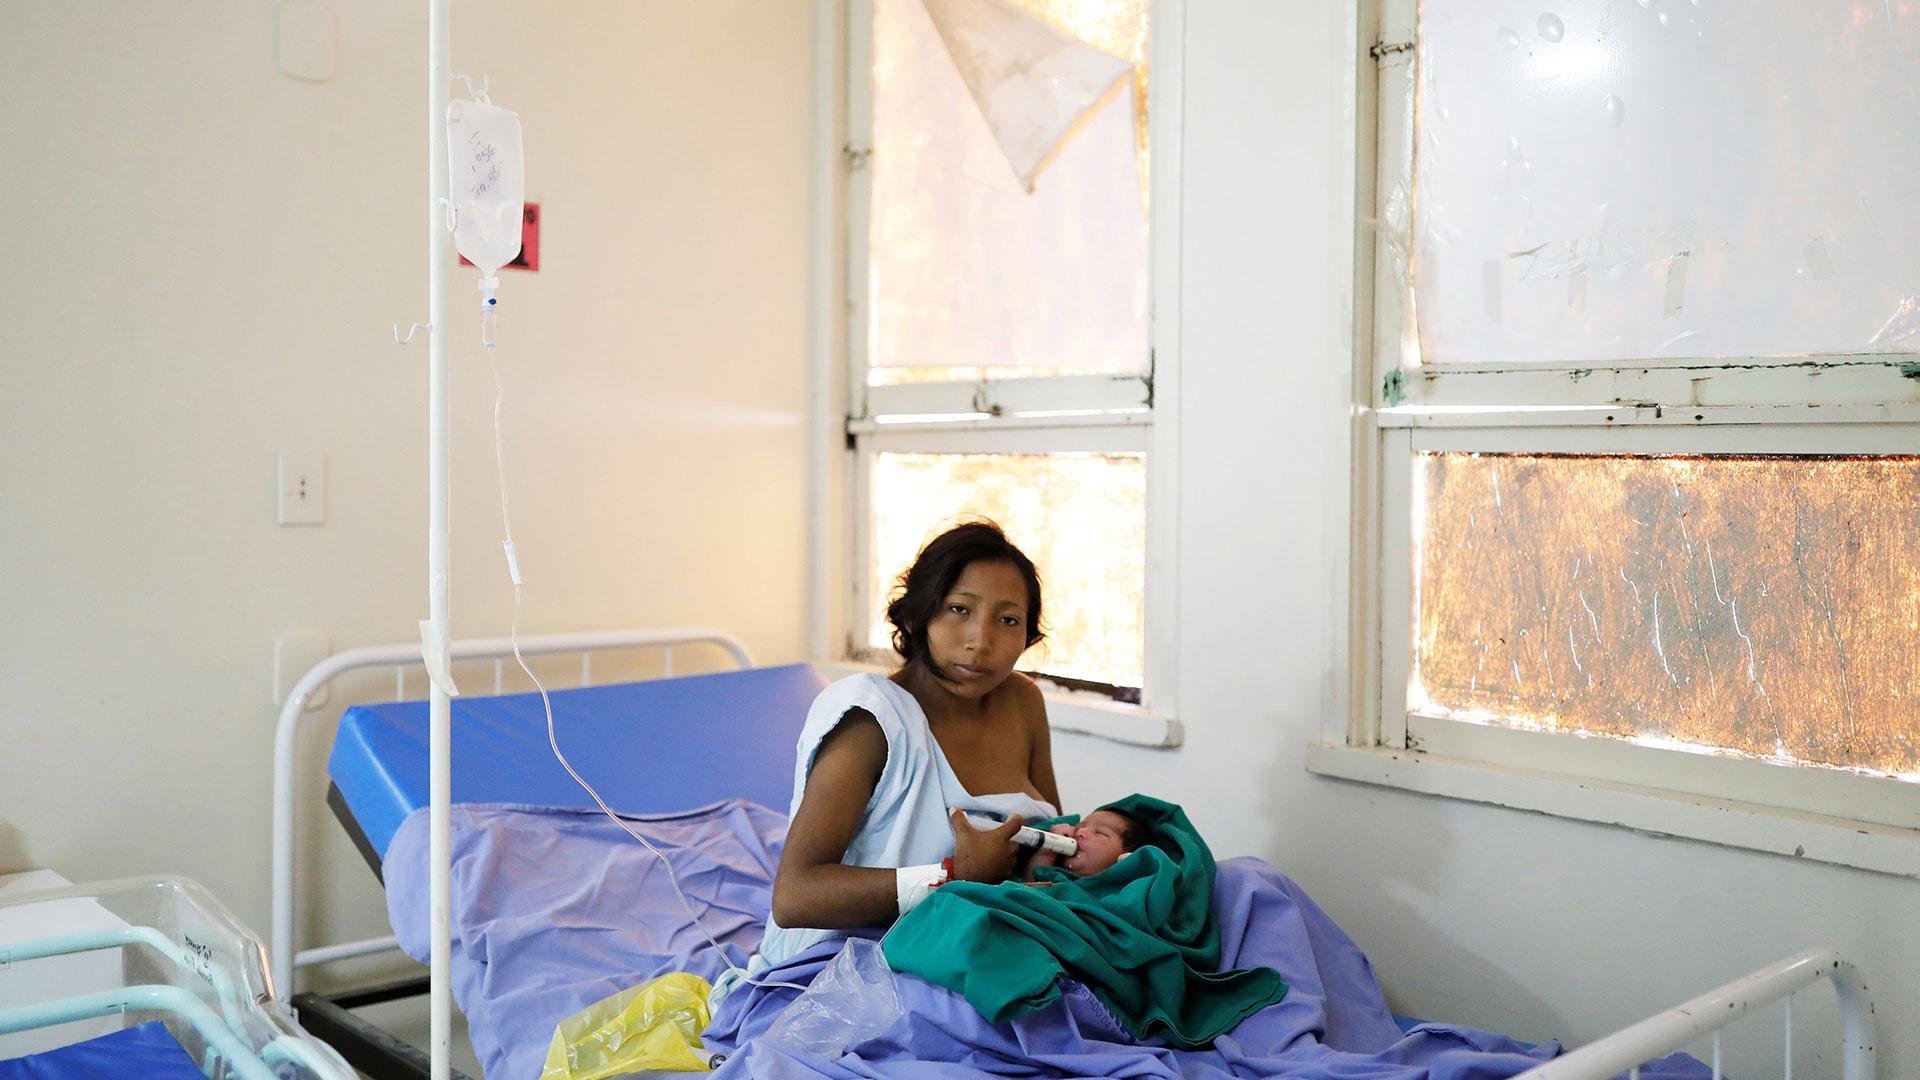 María Teresa López, de 20 años, indígena Warao del estado de Delta Amacuro, usa una jeringa para alimentar a su bebé Fabiola, de un día, en una maternidad en Boa Vista, estado de Roraima, Brasil, el 21 de agosto de 2018.(Reuters)